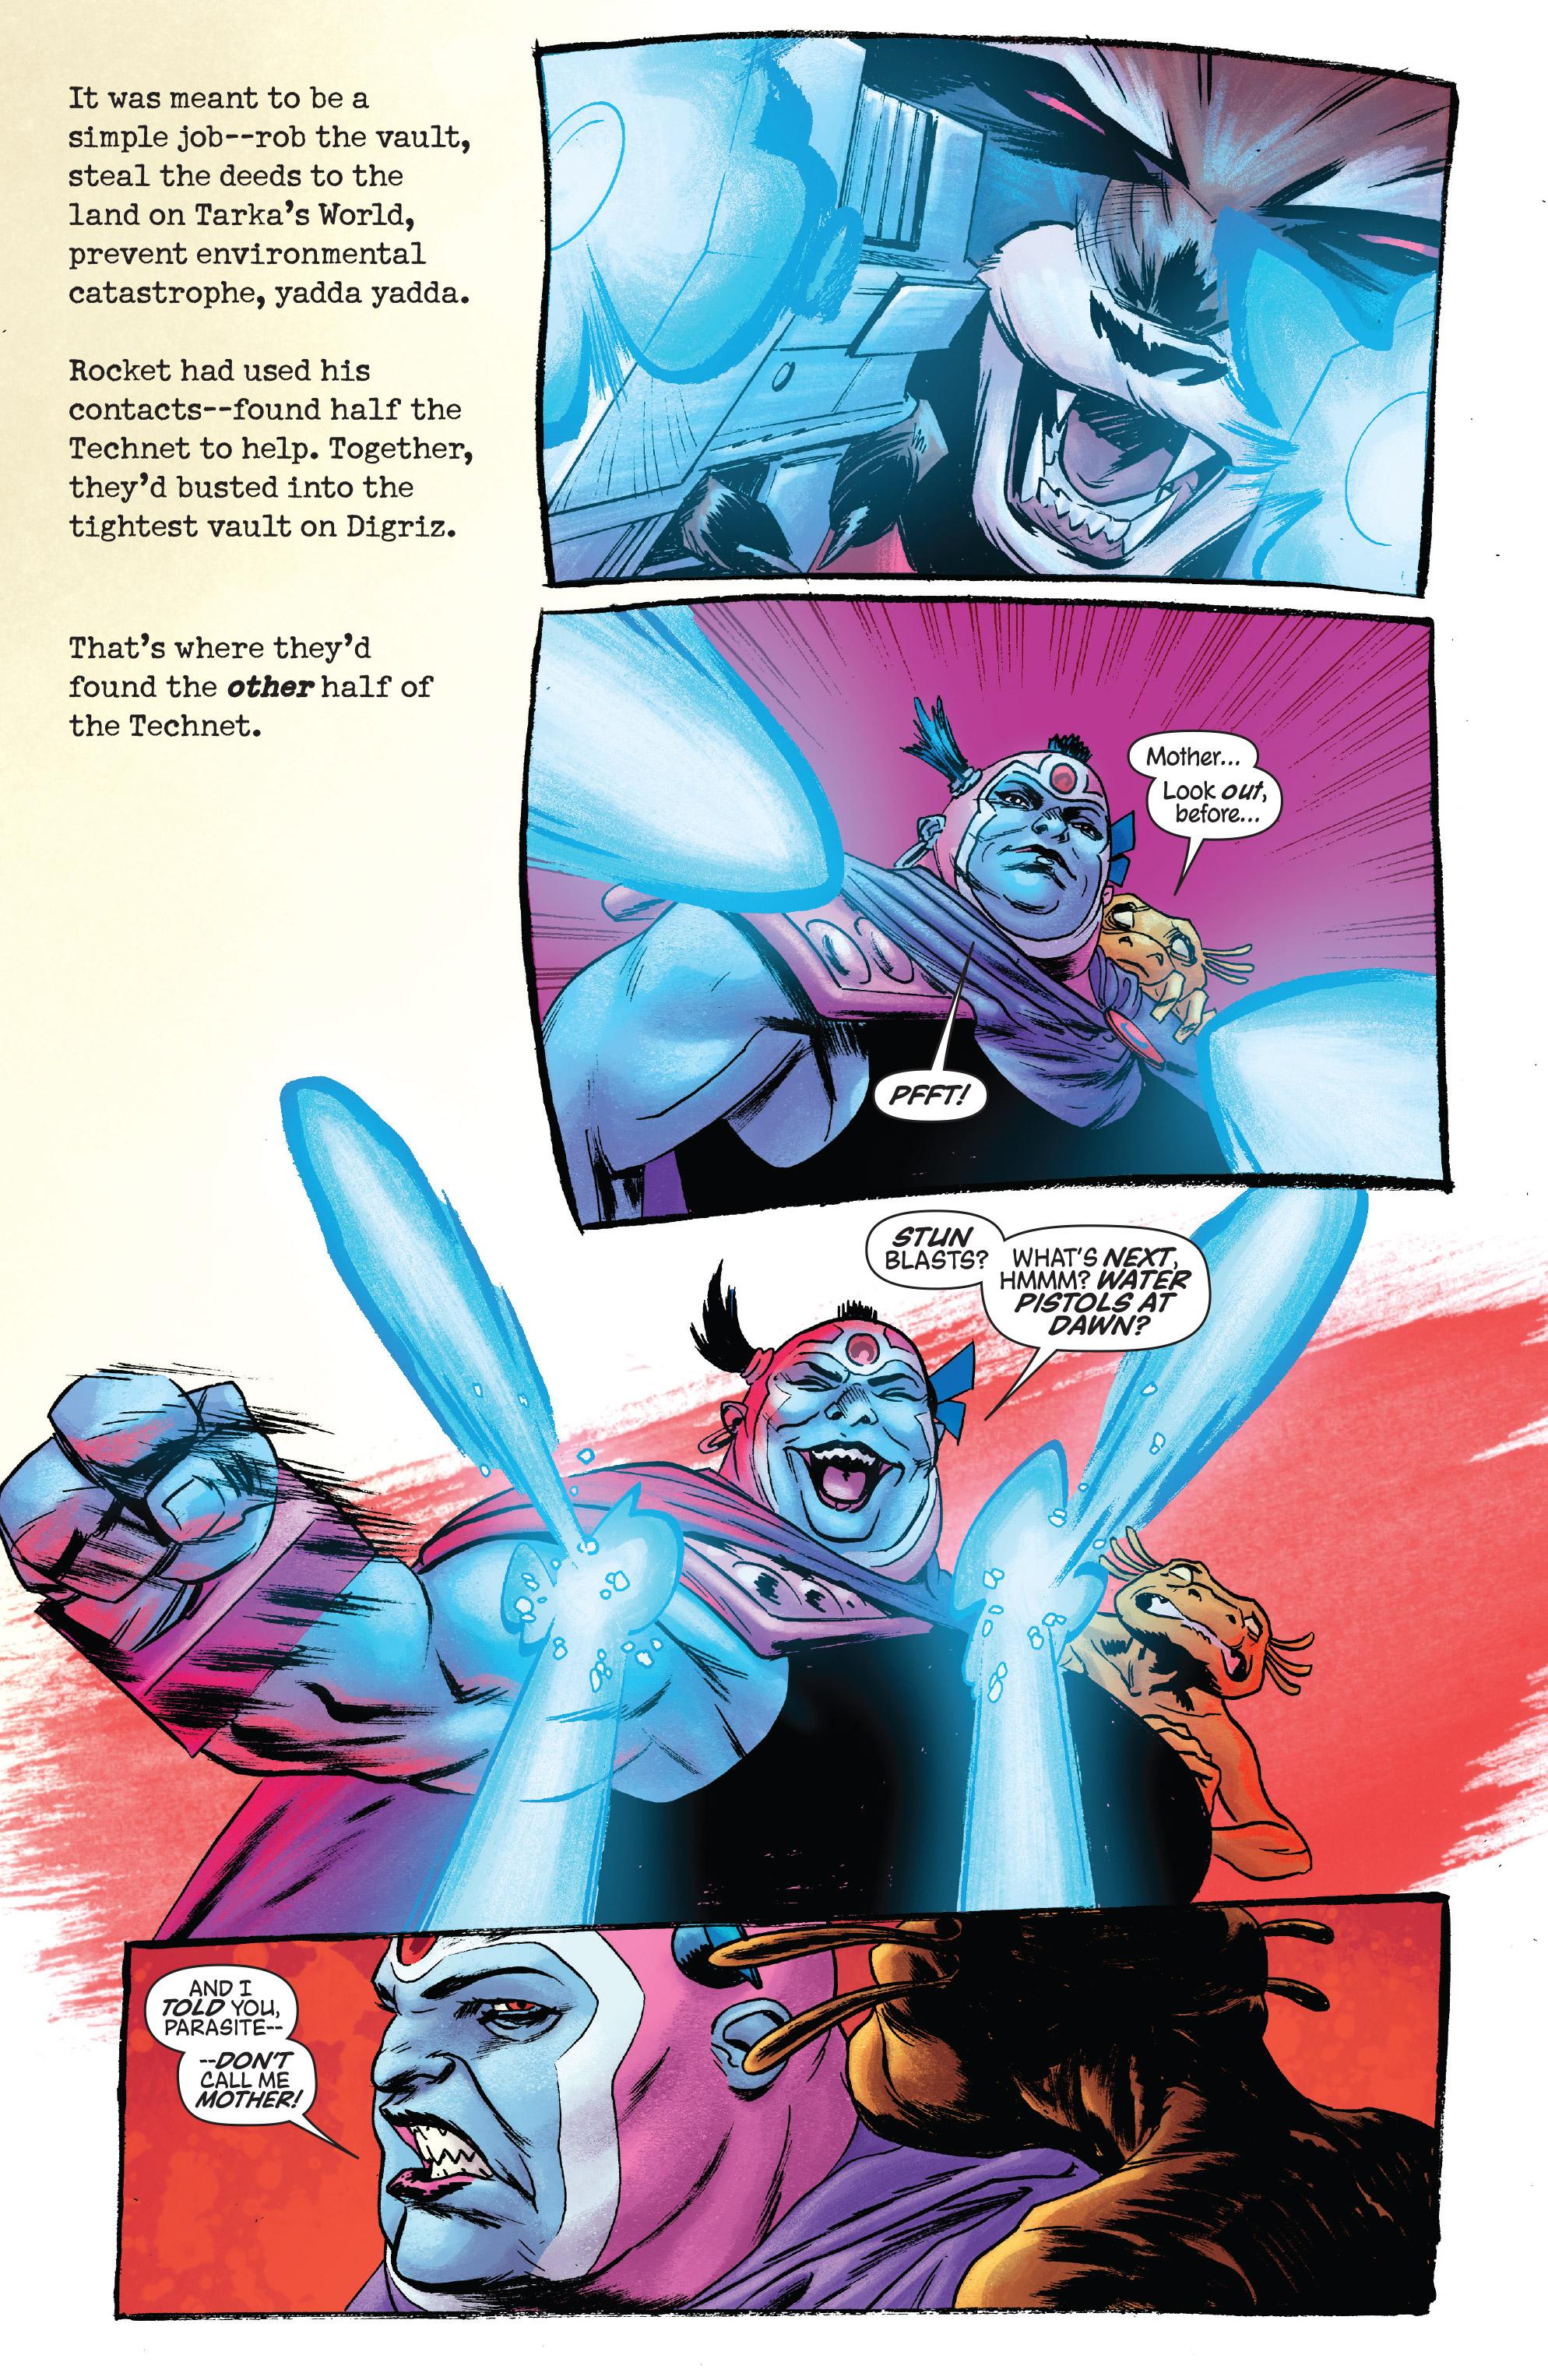 Read online Rocket comic -  Issue #2 - 4